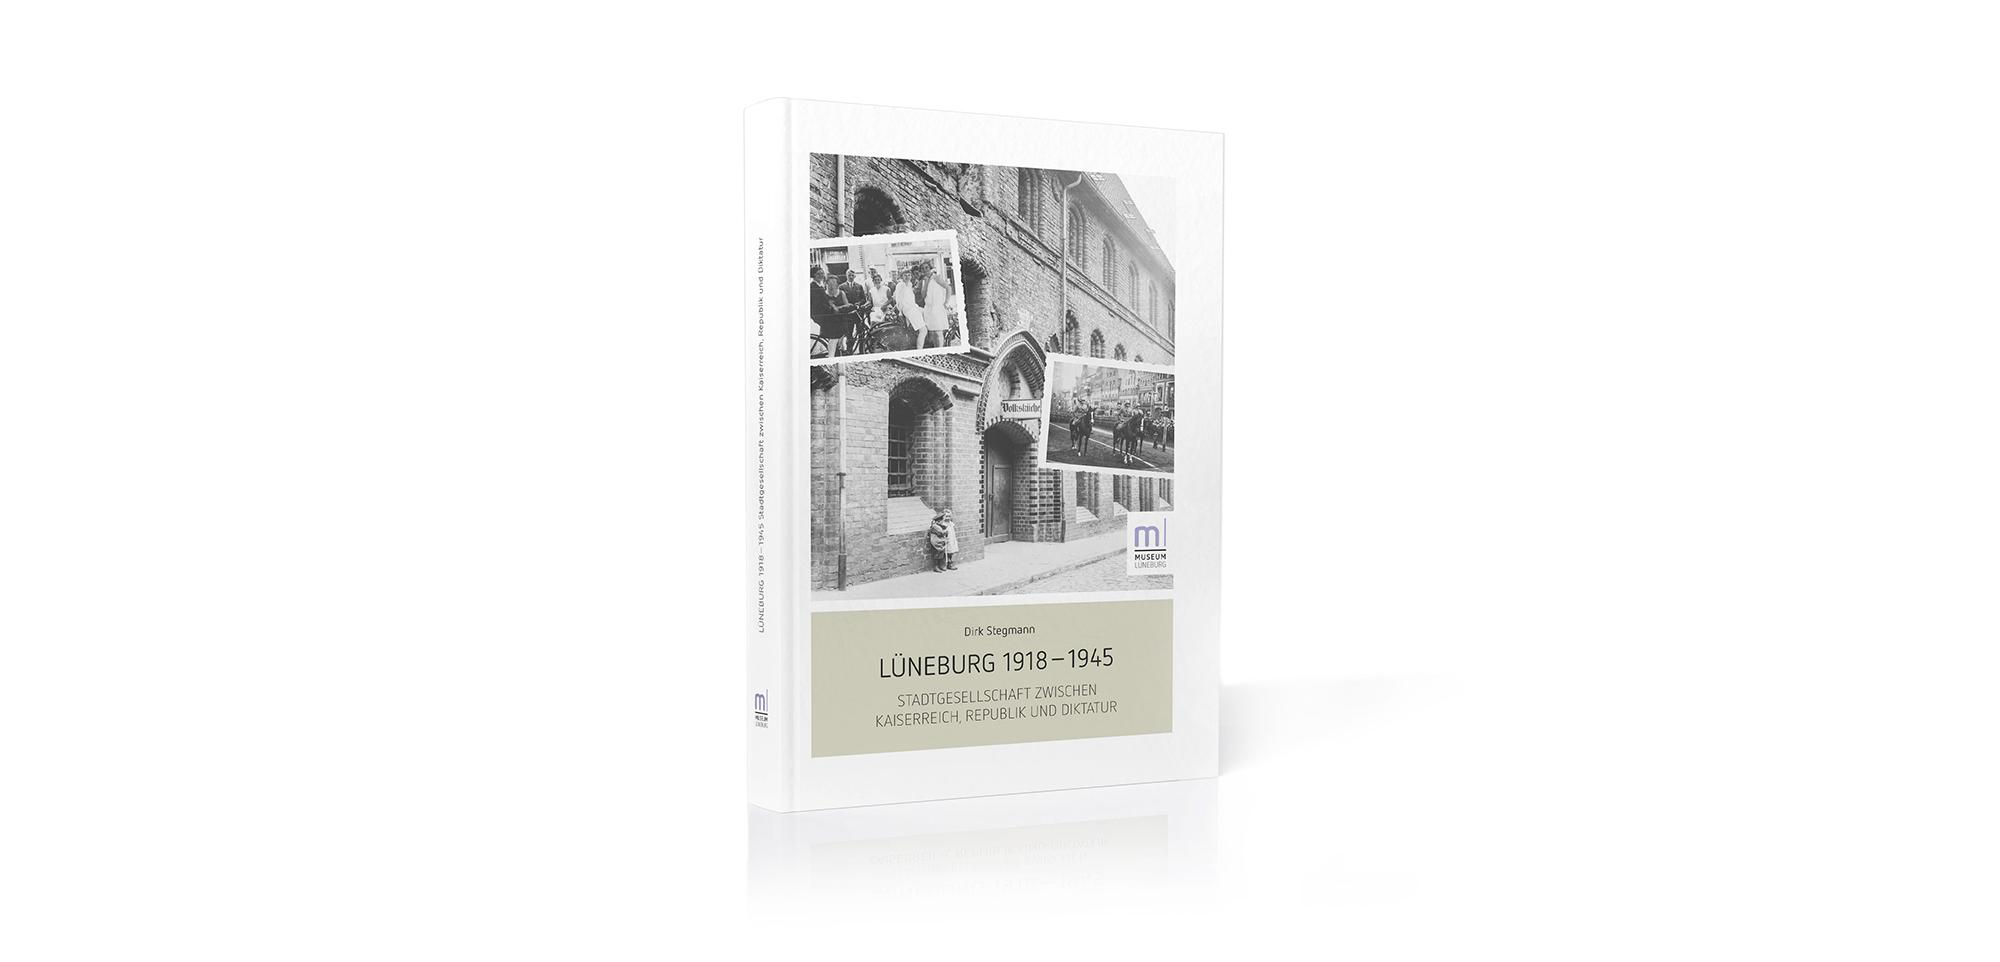 Buch-Projekt des kreativ-kontors, historisches Werk